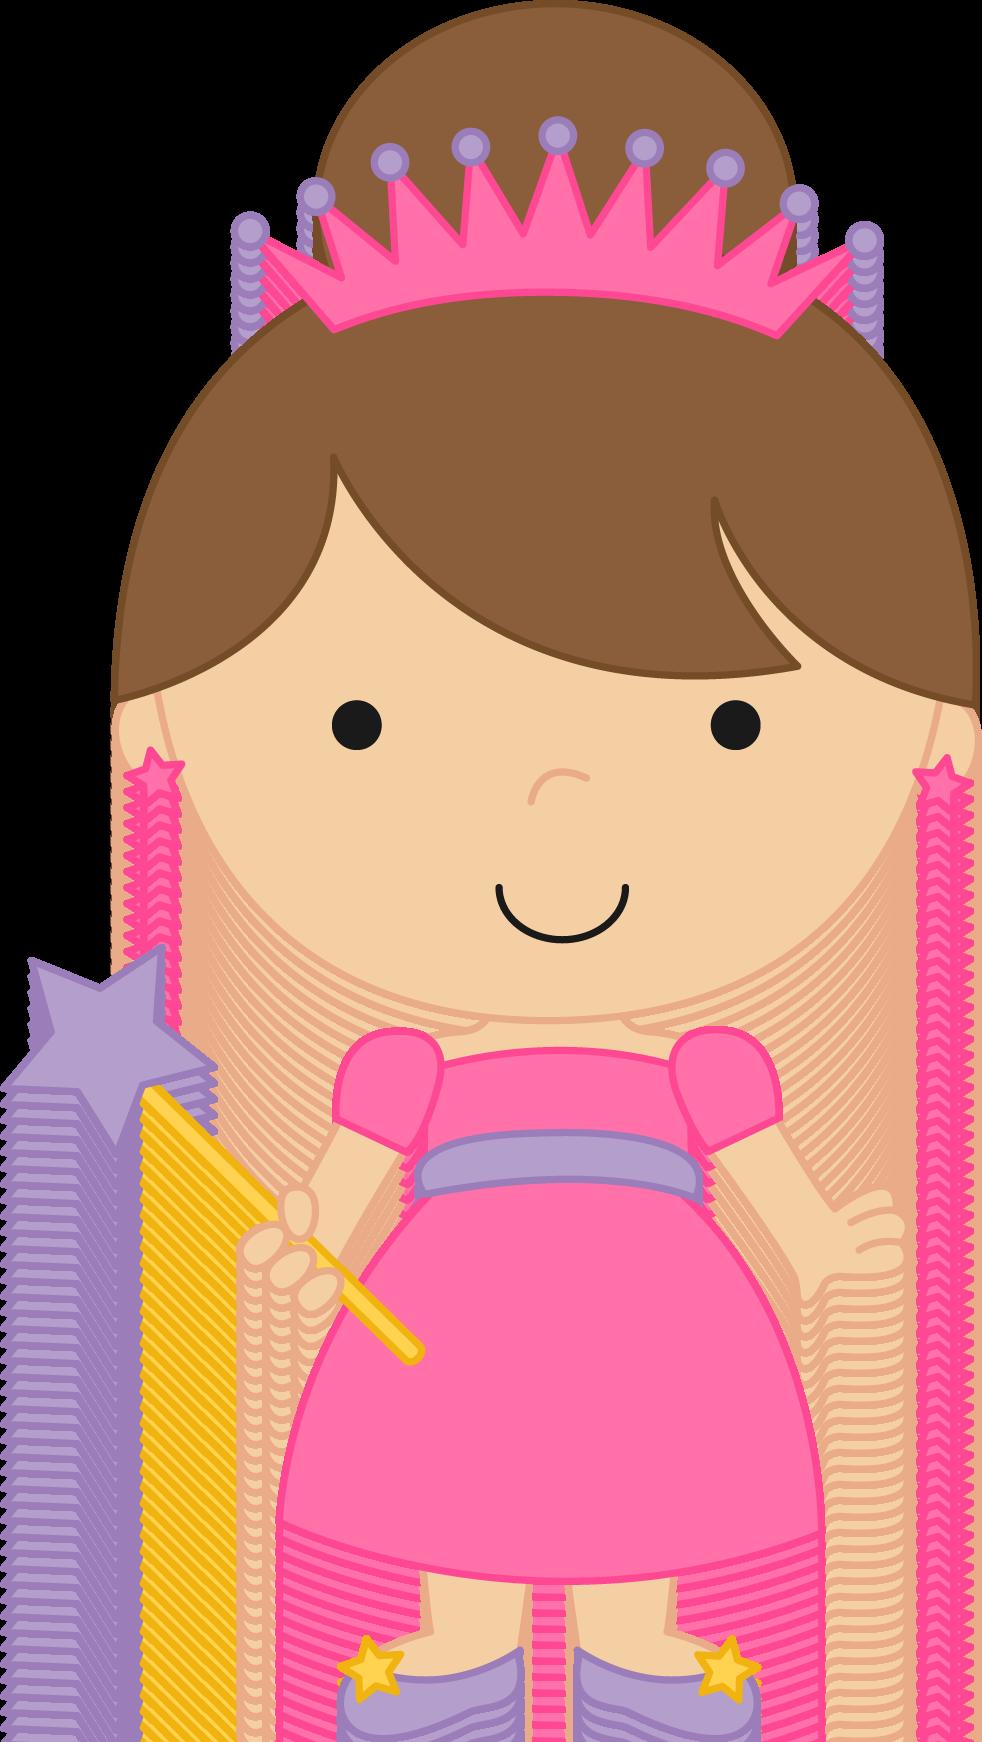 princesas e pr ncipes fairytale princess clipart 03 png minus rh pinterest com Little Princess Clip Art Princess Crown Clip Art